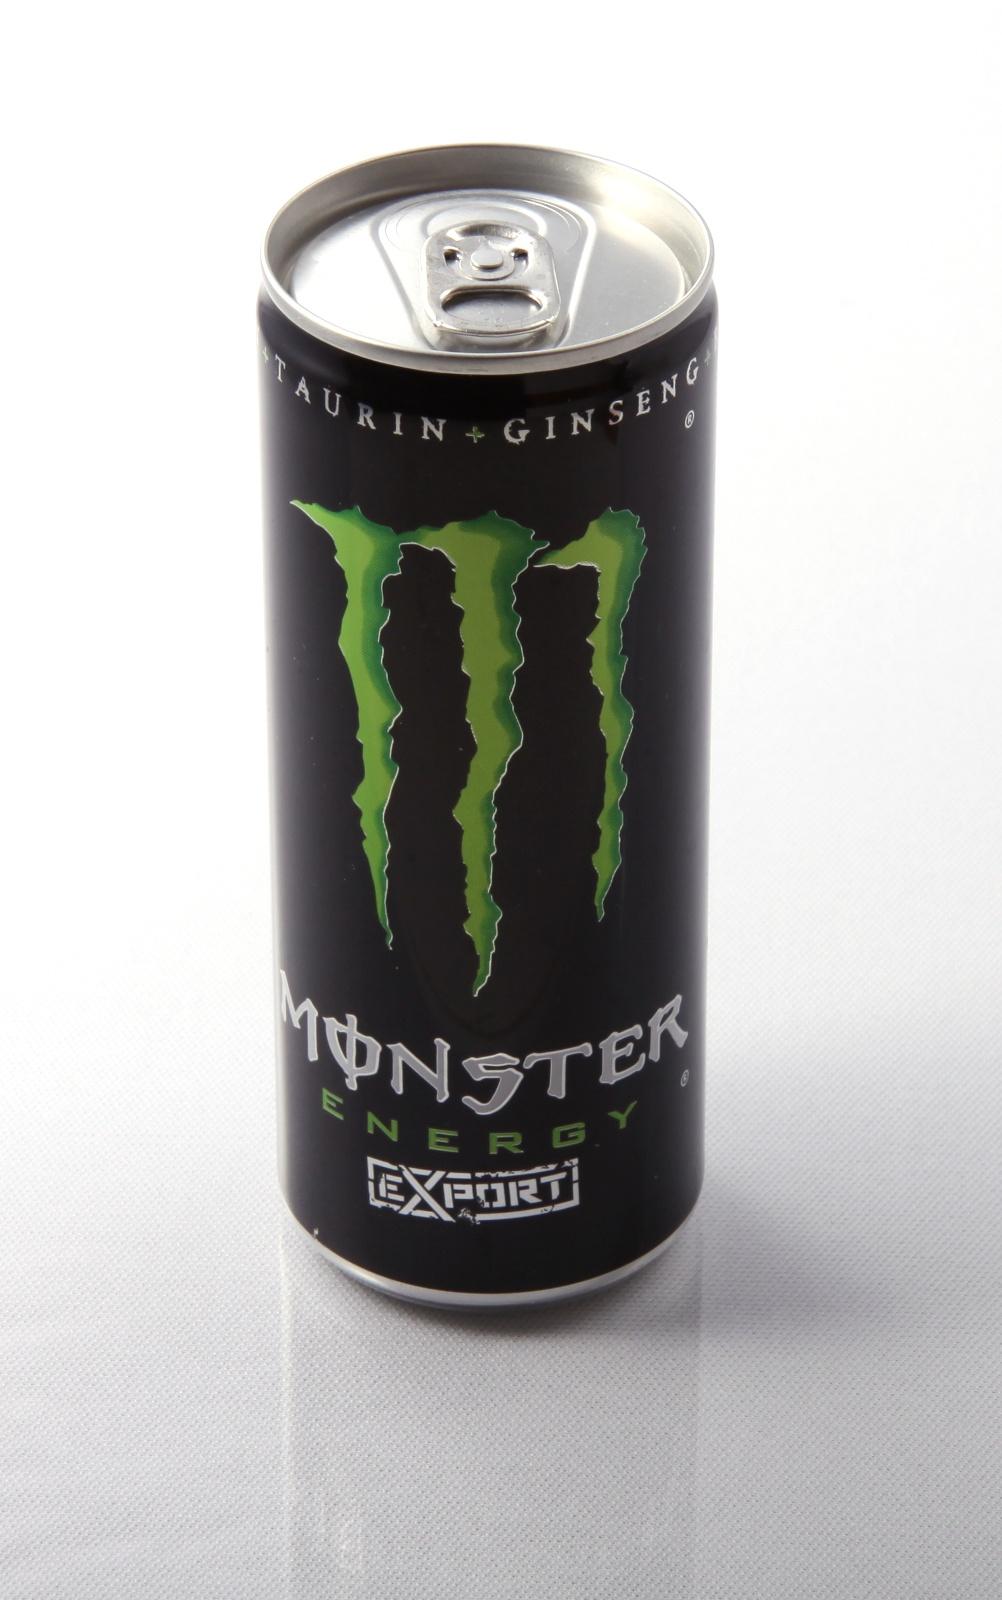 koffein i monster